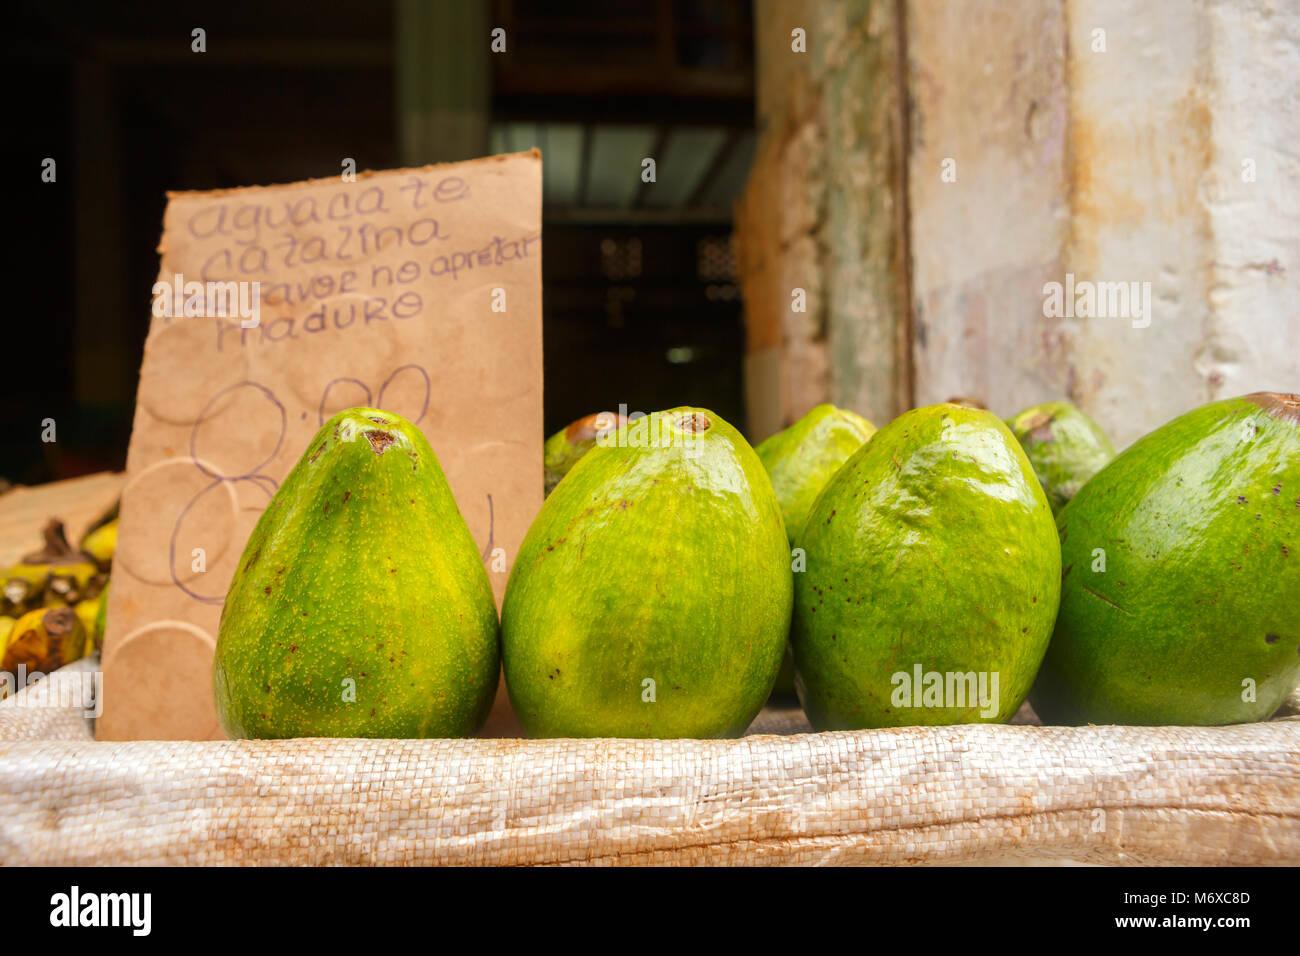 Spanish Language Signage Stock Photos Spanish Language Signage  # Muebles Simon Marbella